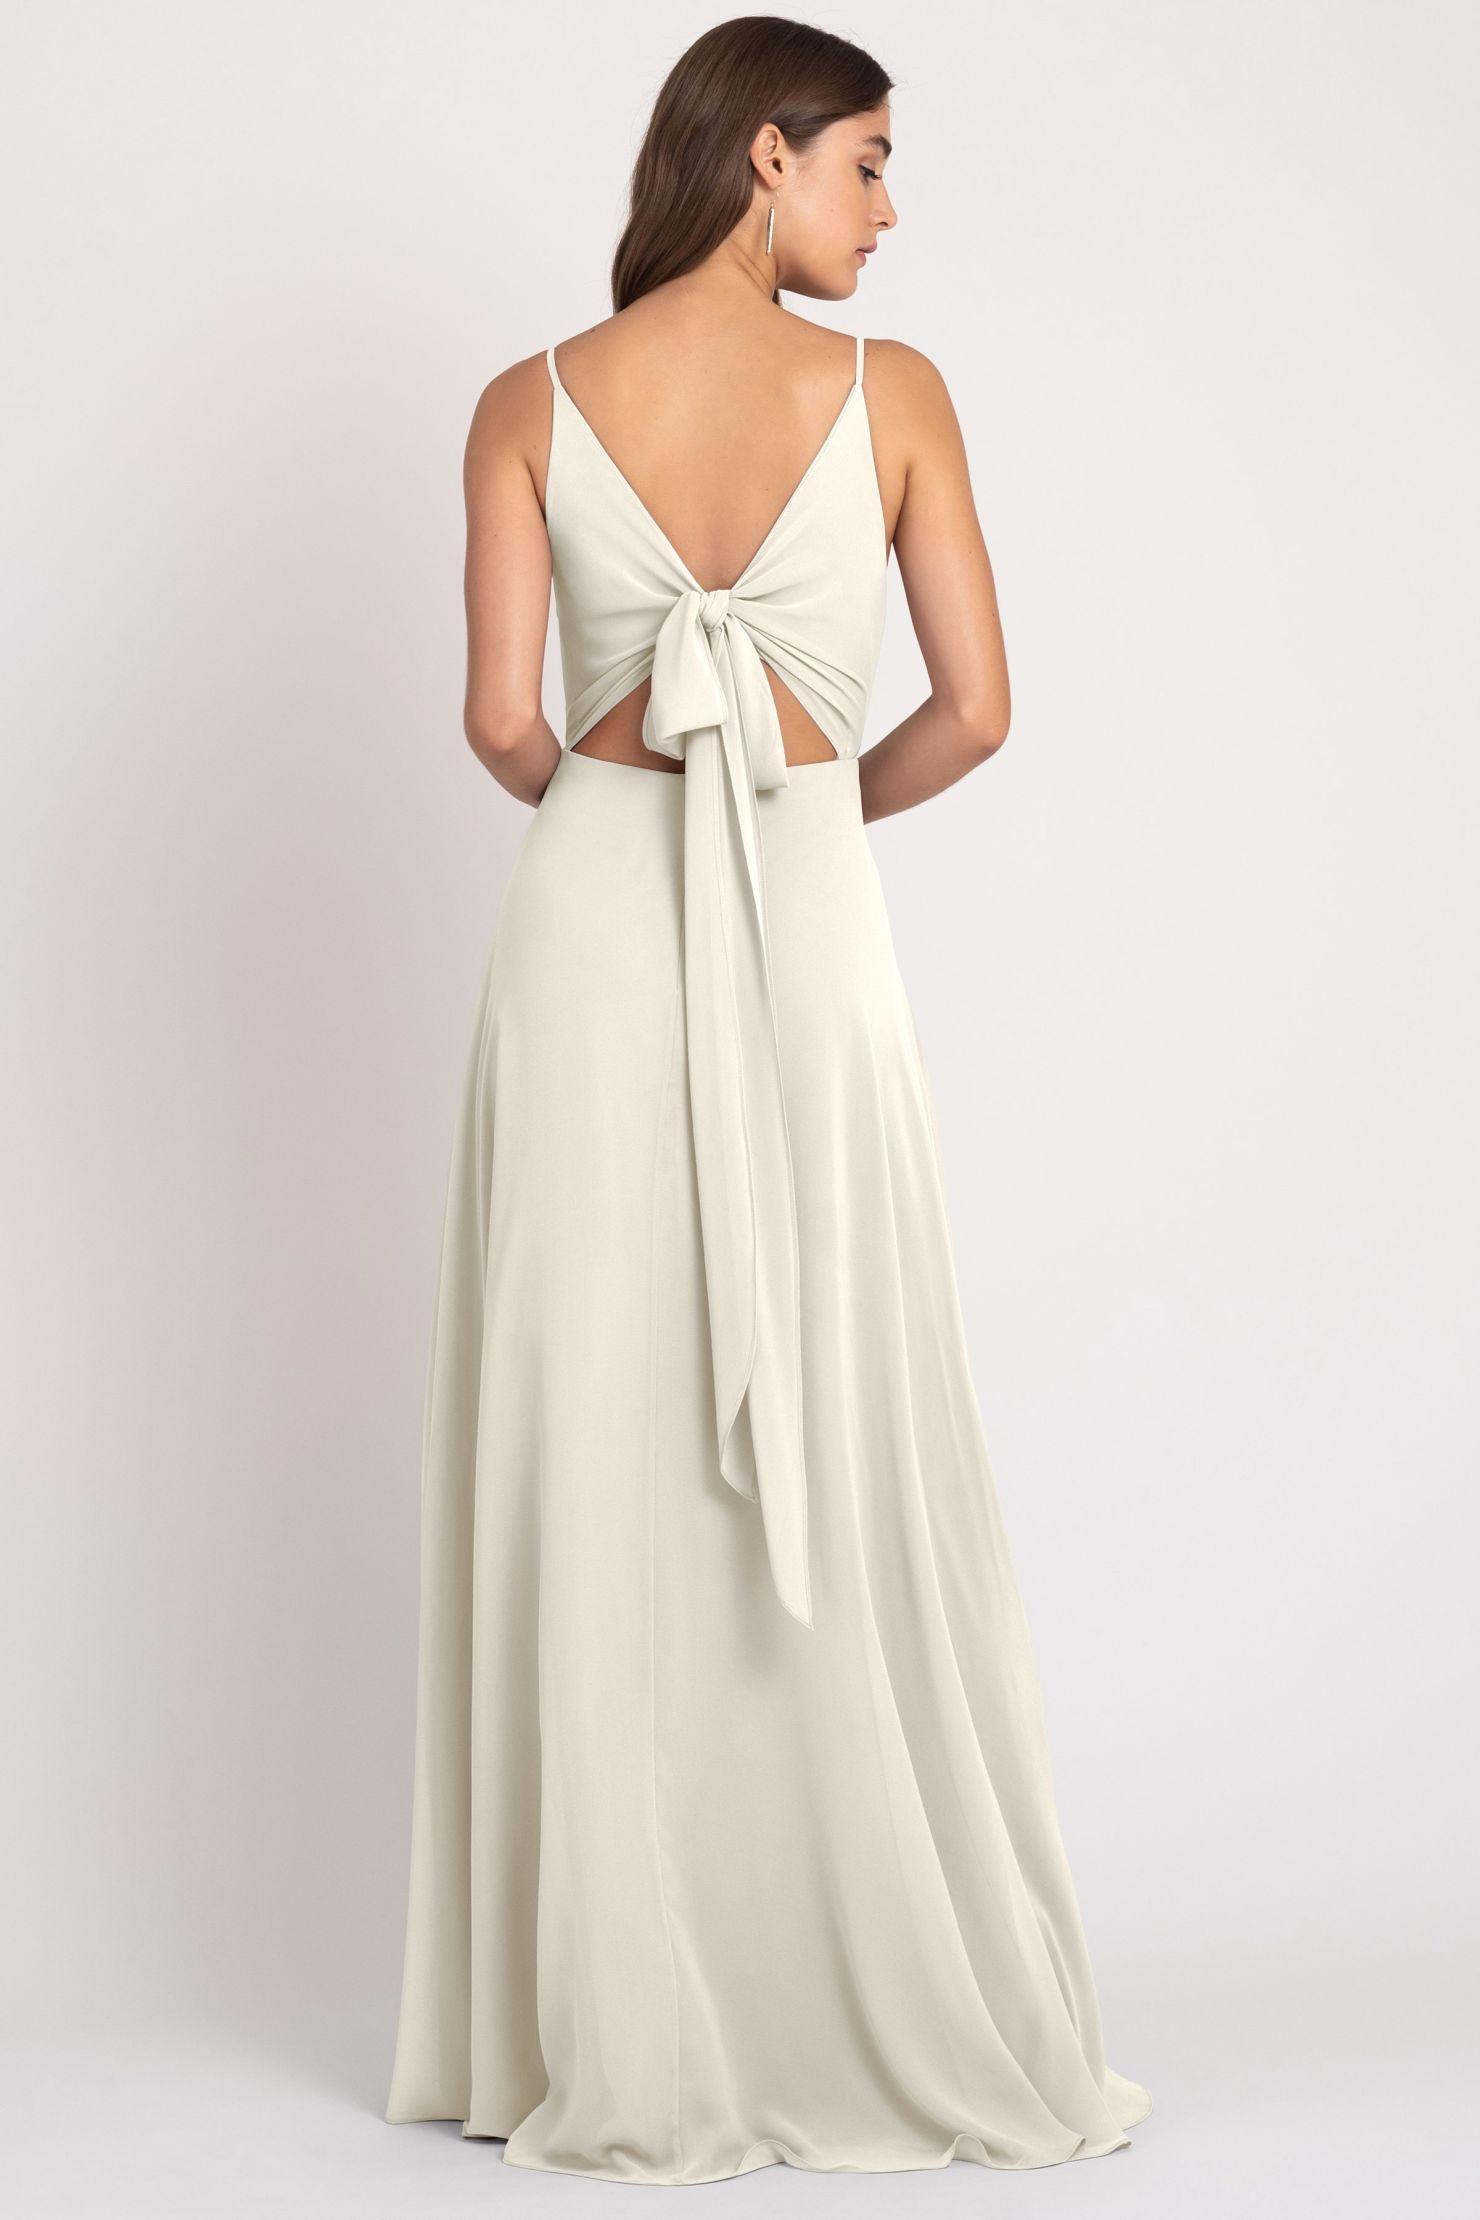 Dani Bridesmaids Dress by Jenny Yoo - Winter White